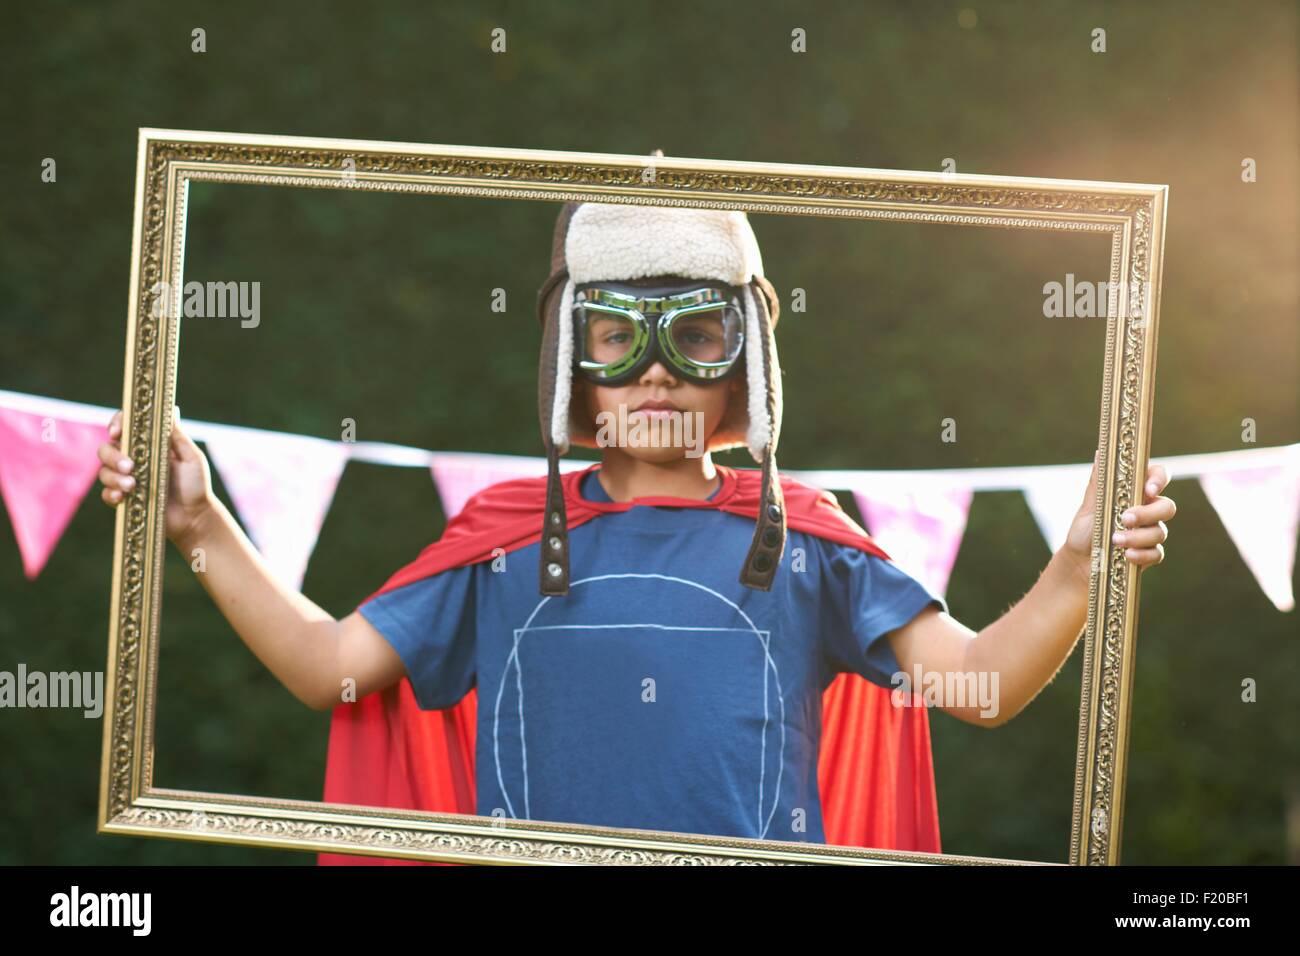 Ritratto di ragazzo cerca attraverso picture frame del capo da indossare gli occhiali, e flying hat Immagini Stock